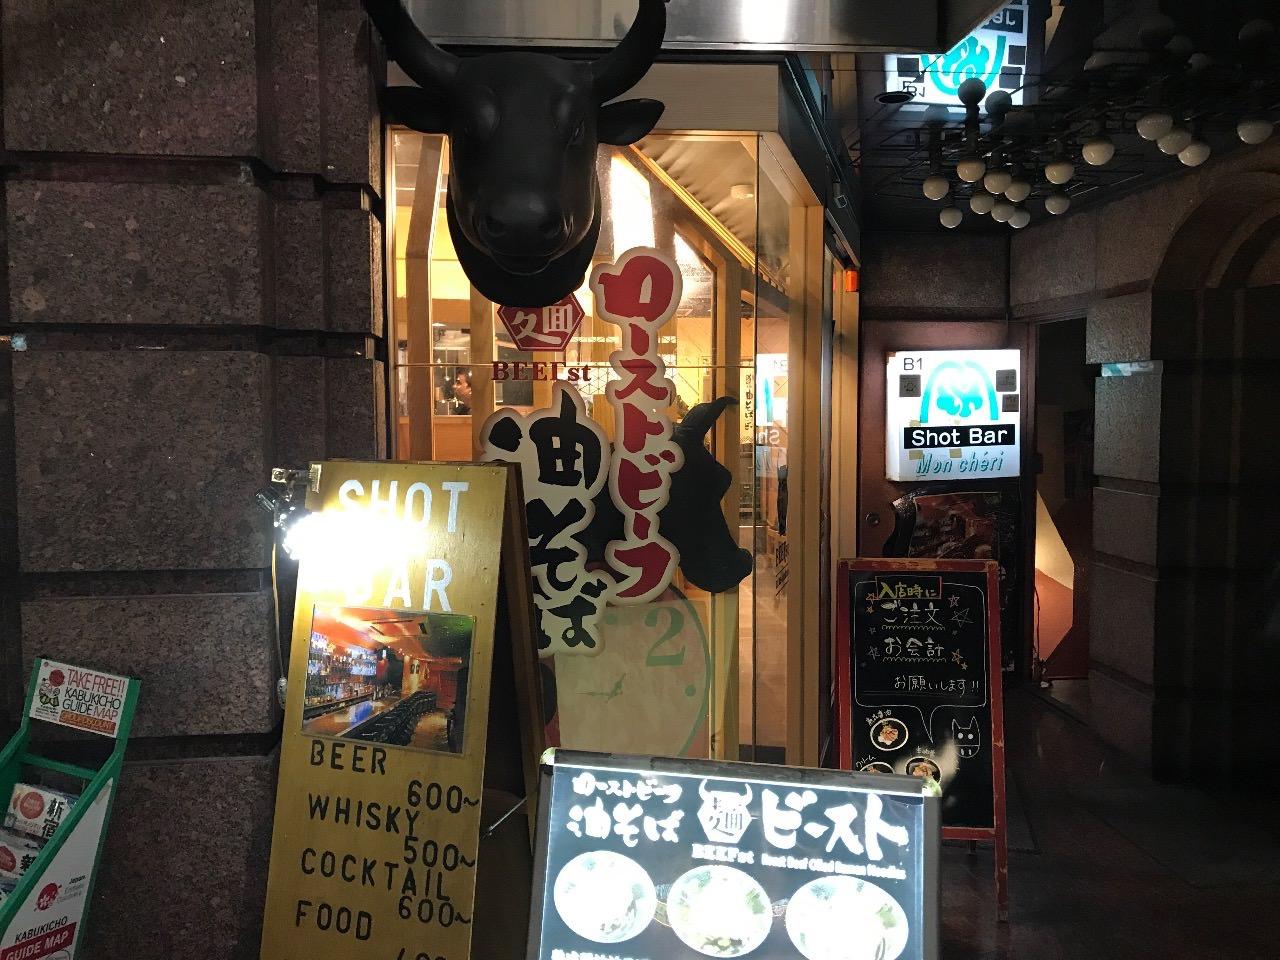 「ローストビーフ油そば ビースト」油そばに分厚いローストビーフがどっさり【新宿】